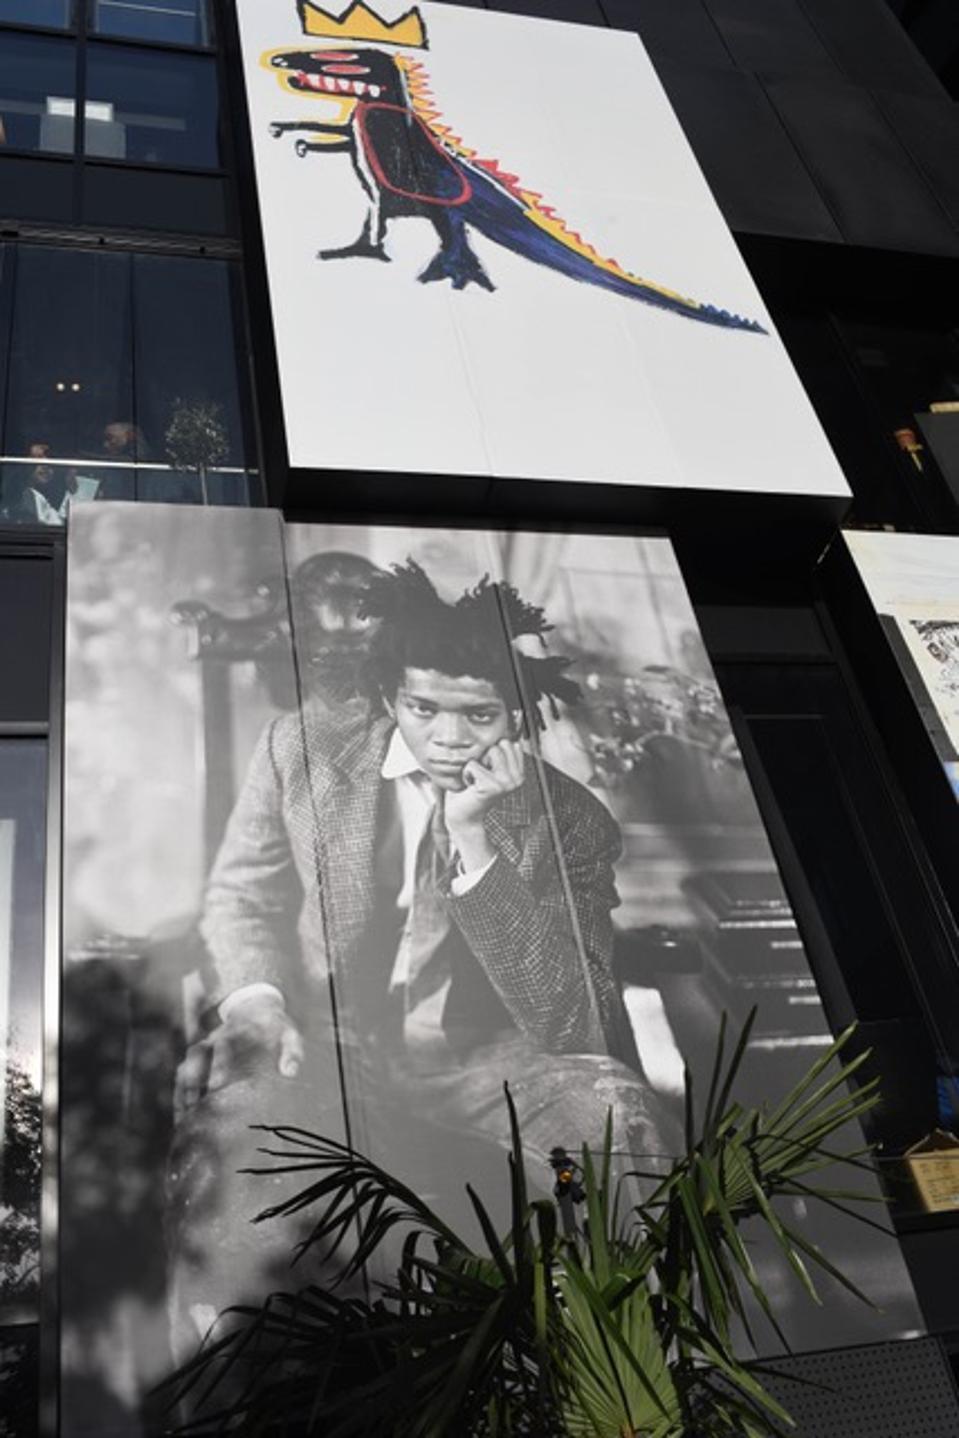 Μια φωτογραφία του καλλιτέχνη Jean-Michel Basquiat κρέμεται στην πλατεία του Παρισιού που τον ονόμασε